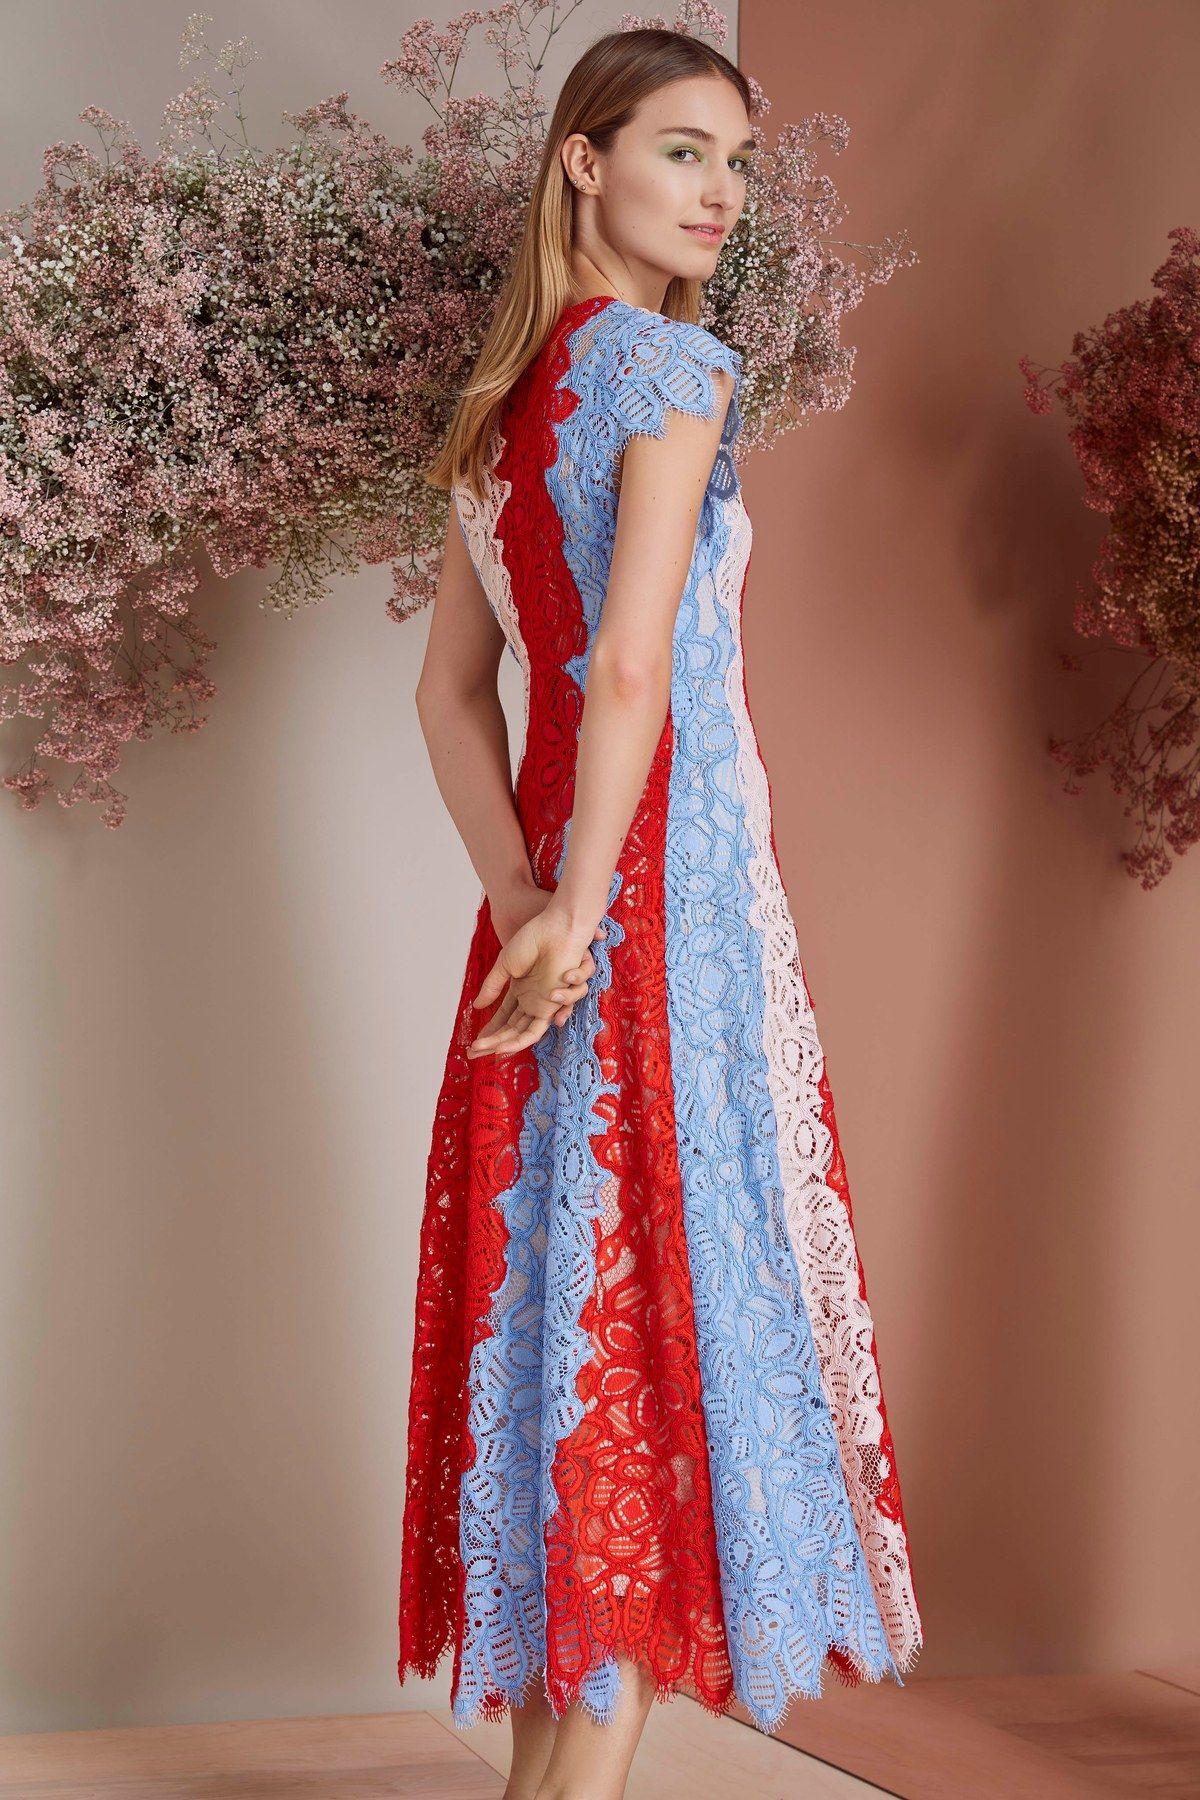 e922cd04c09 Lela Rose Pre-Fall 2019 Fashion Show